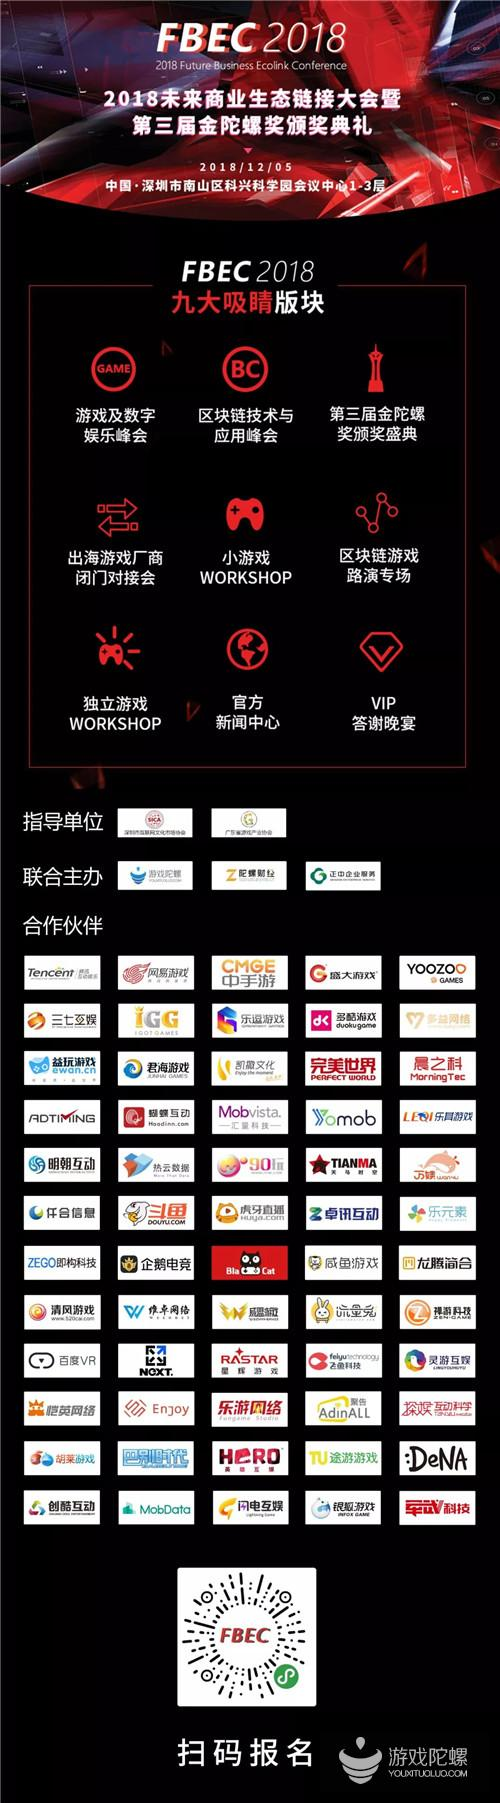 突维·新裂变   DeNA亮相FBEC2018,与您共同关注游戏行业年度盛会!